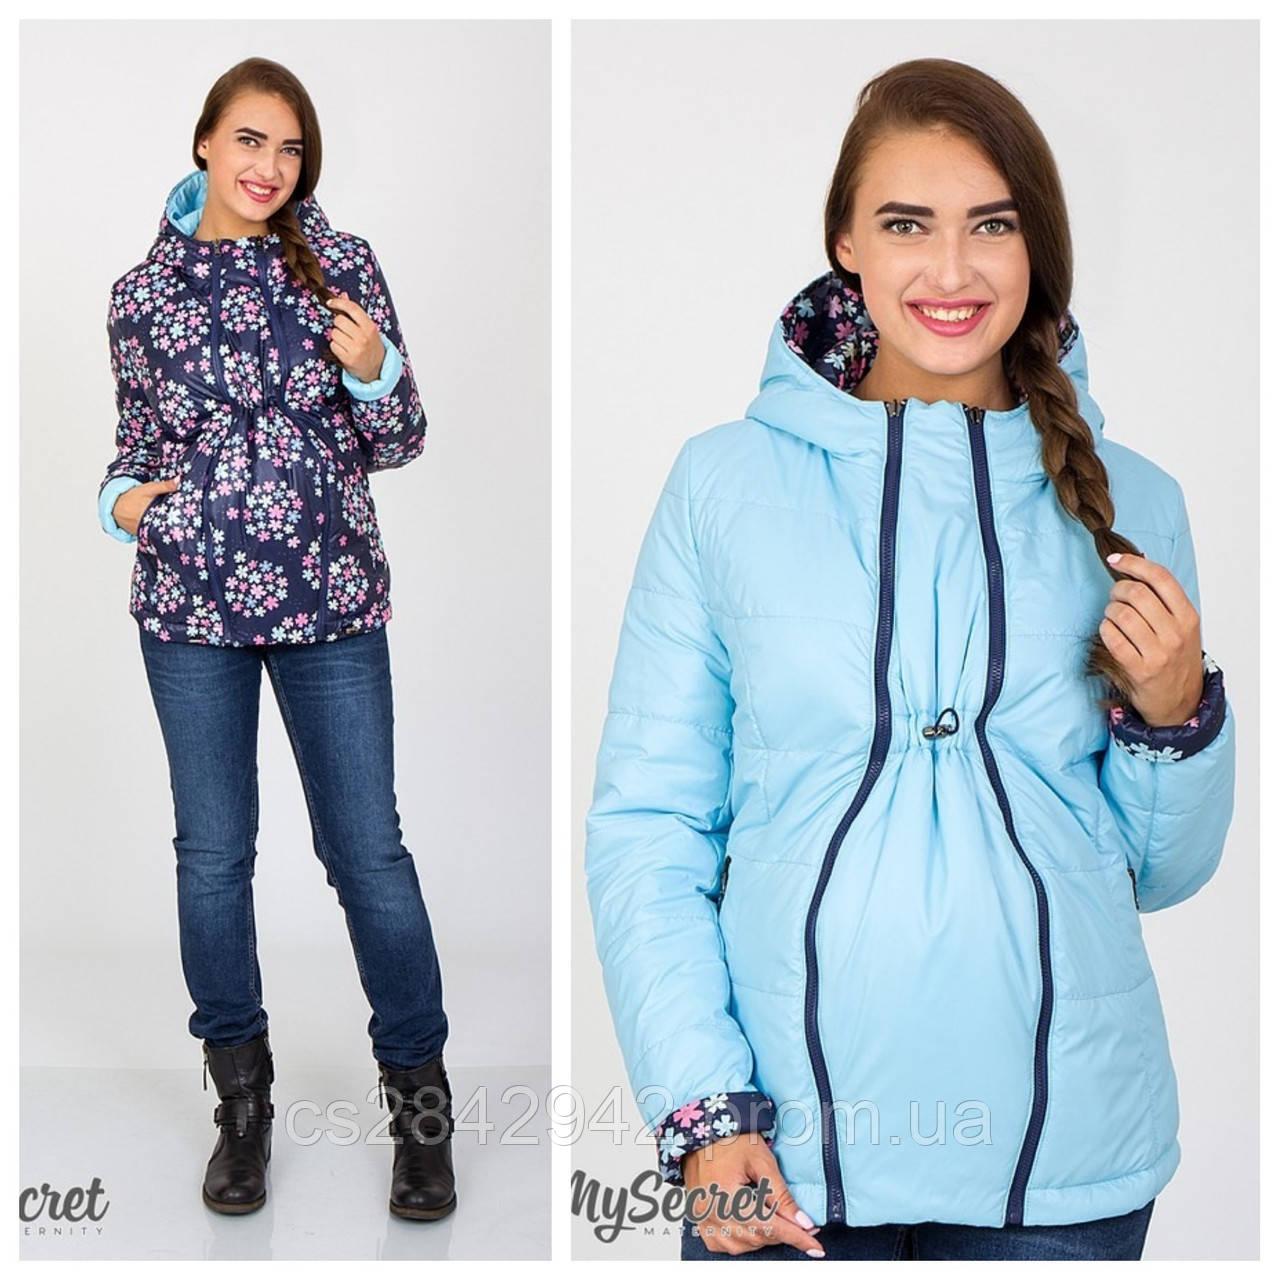 Двостороння куртка для вагітних (Куртка для беременных) FLOYD OW-37.013 1ecf879401cdf